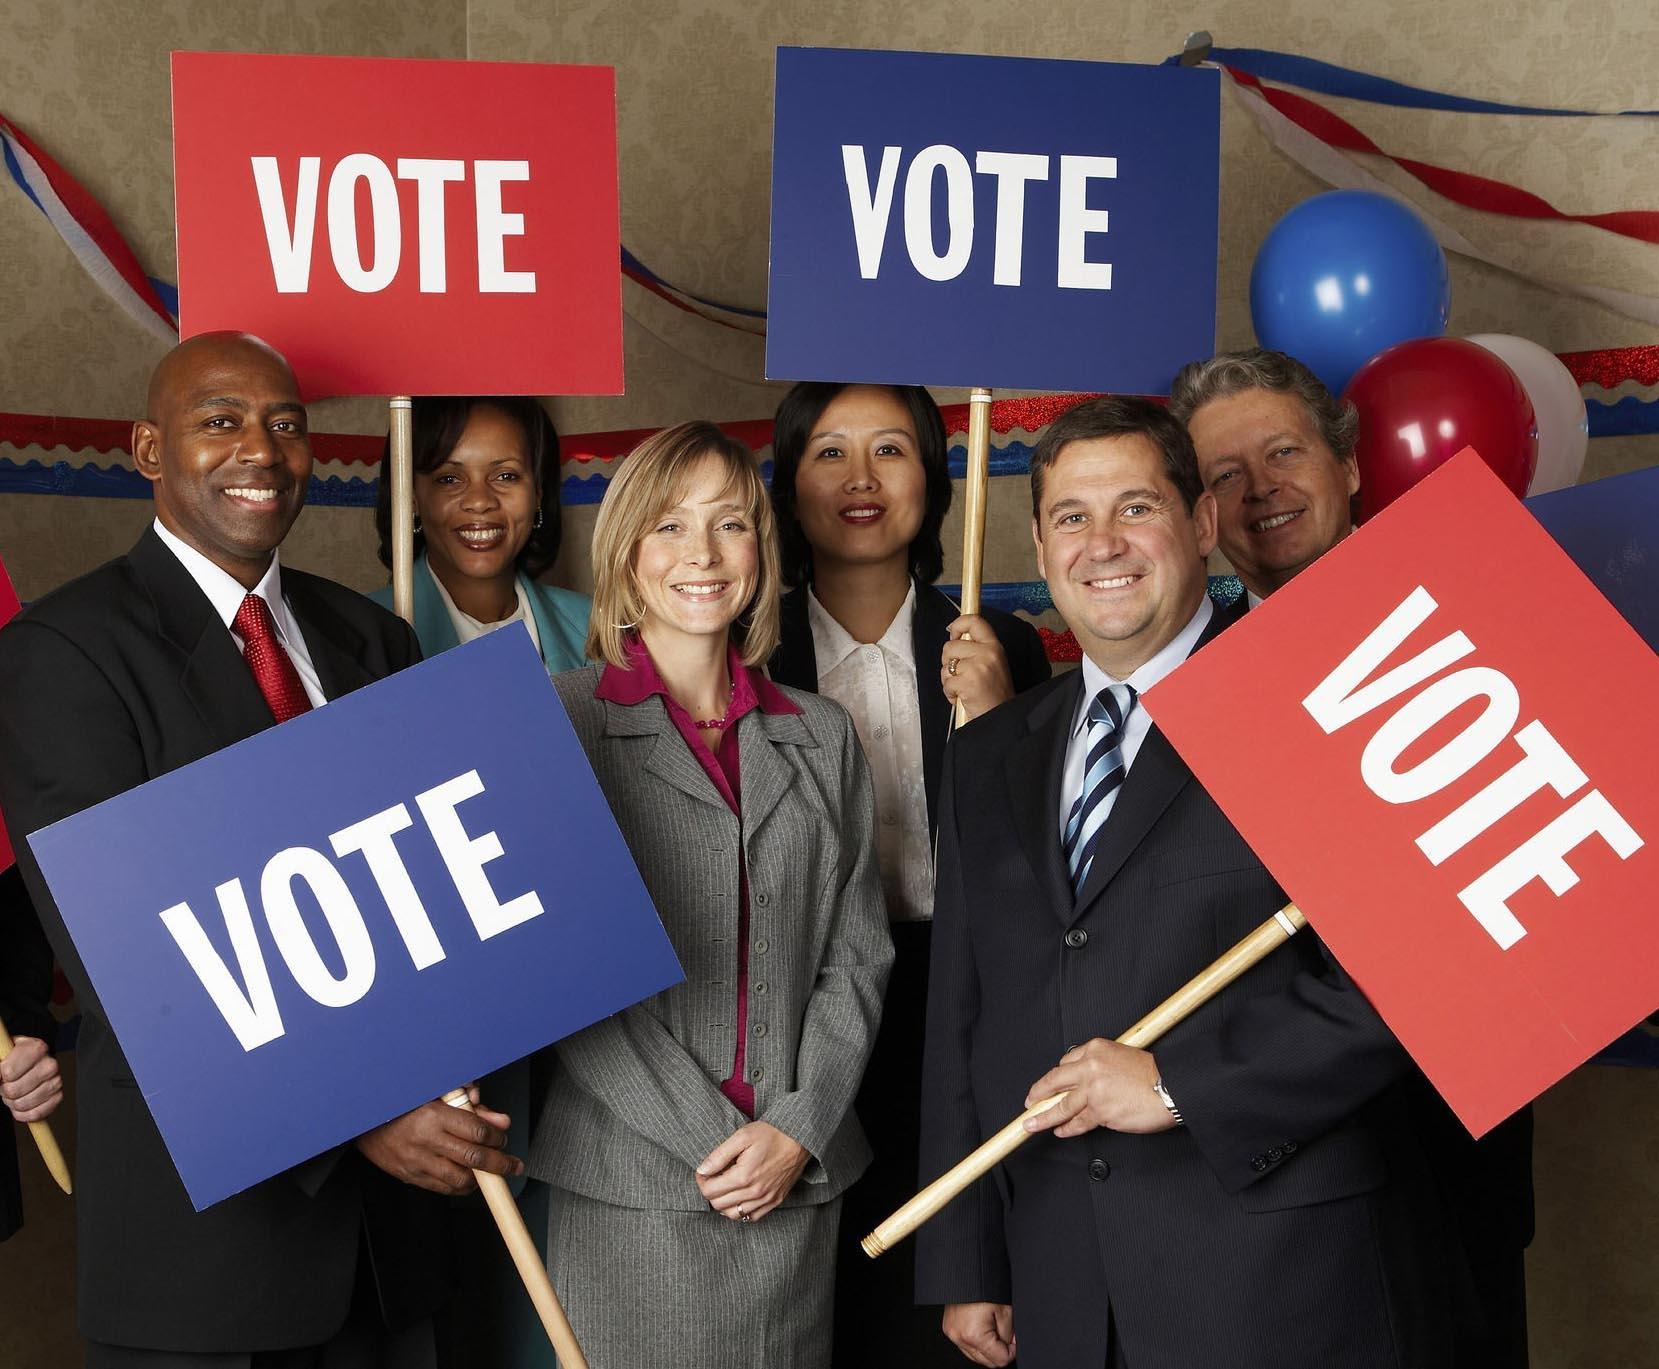 League of Women Voters of New Jersey | League of Women ...